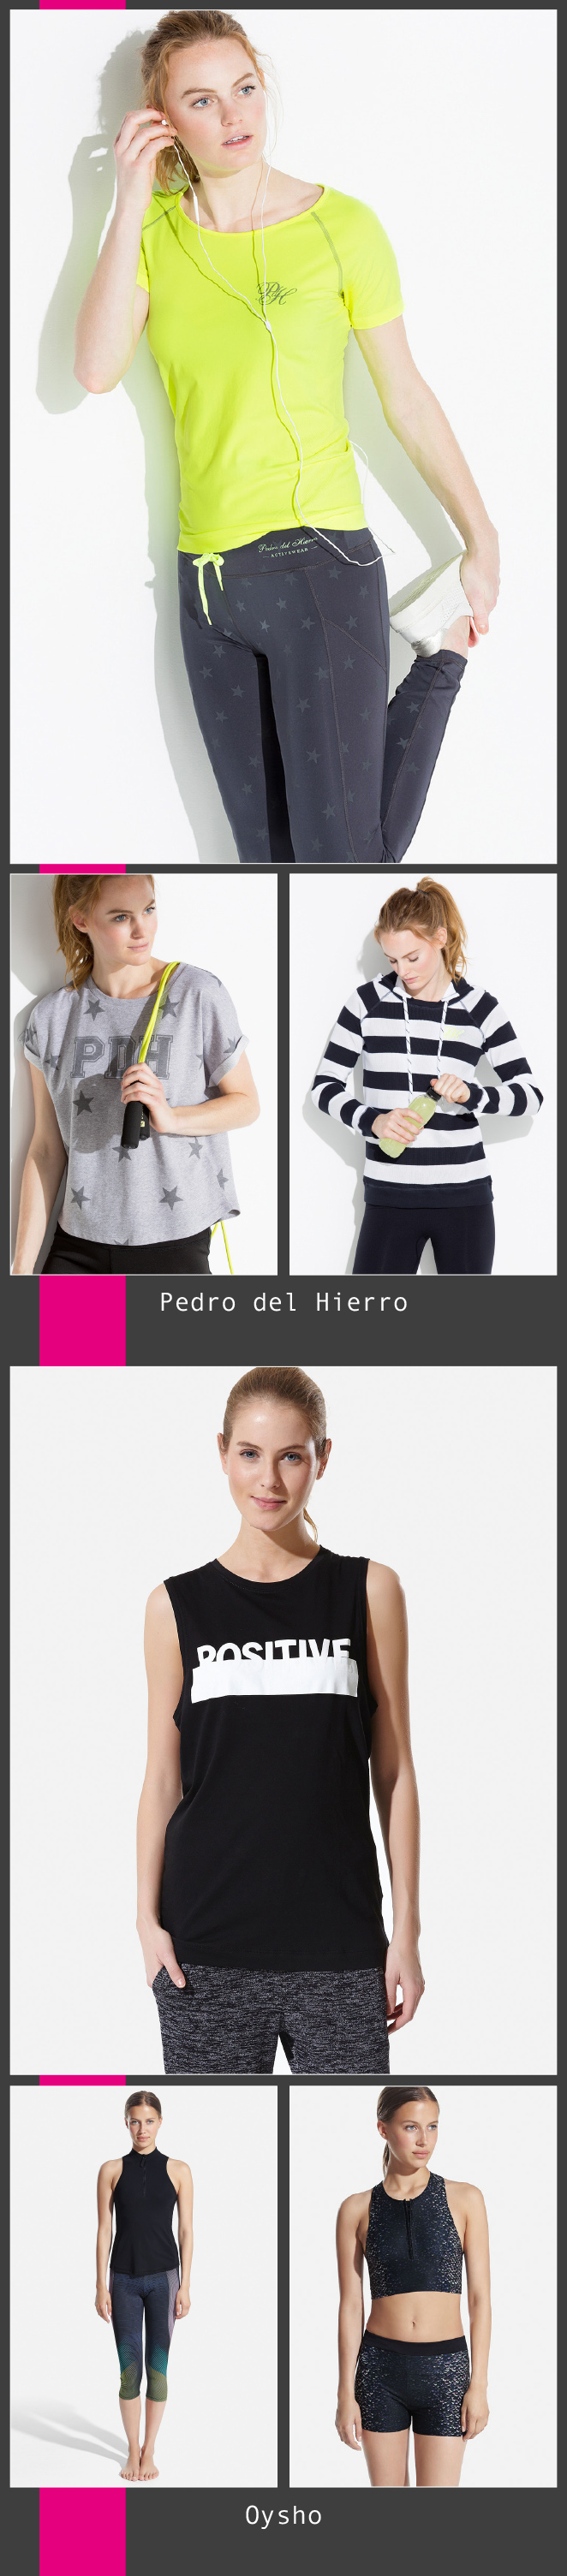 Esta temporada mis colecciones favoritas vienen de la mano de Pedro del Hierro y su línea Activewear y Oysho, un clásico!